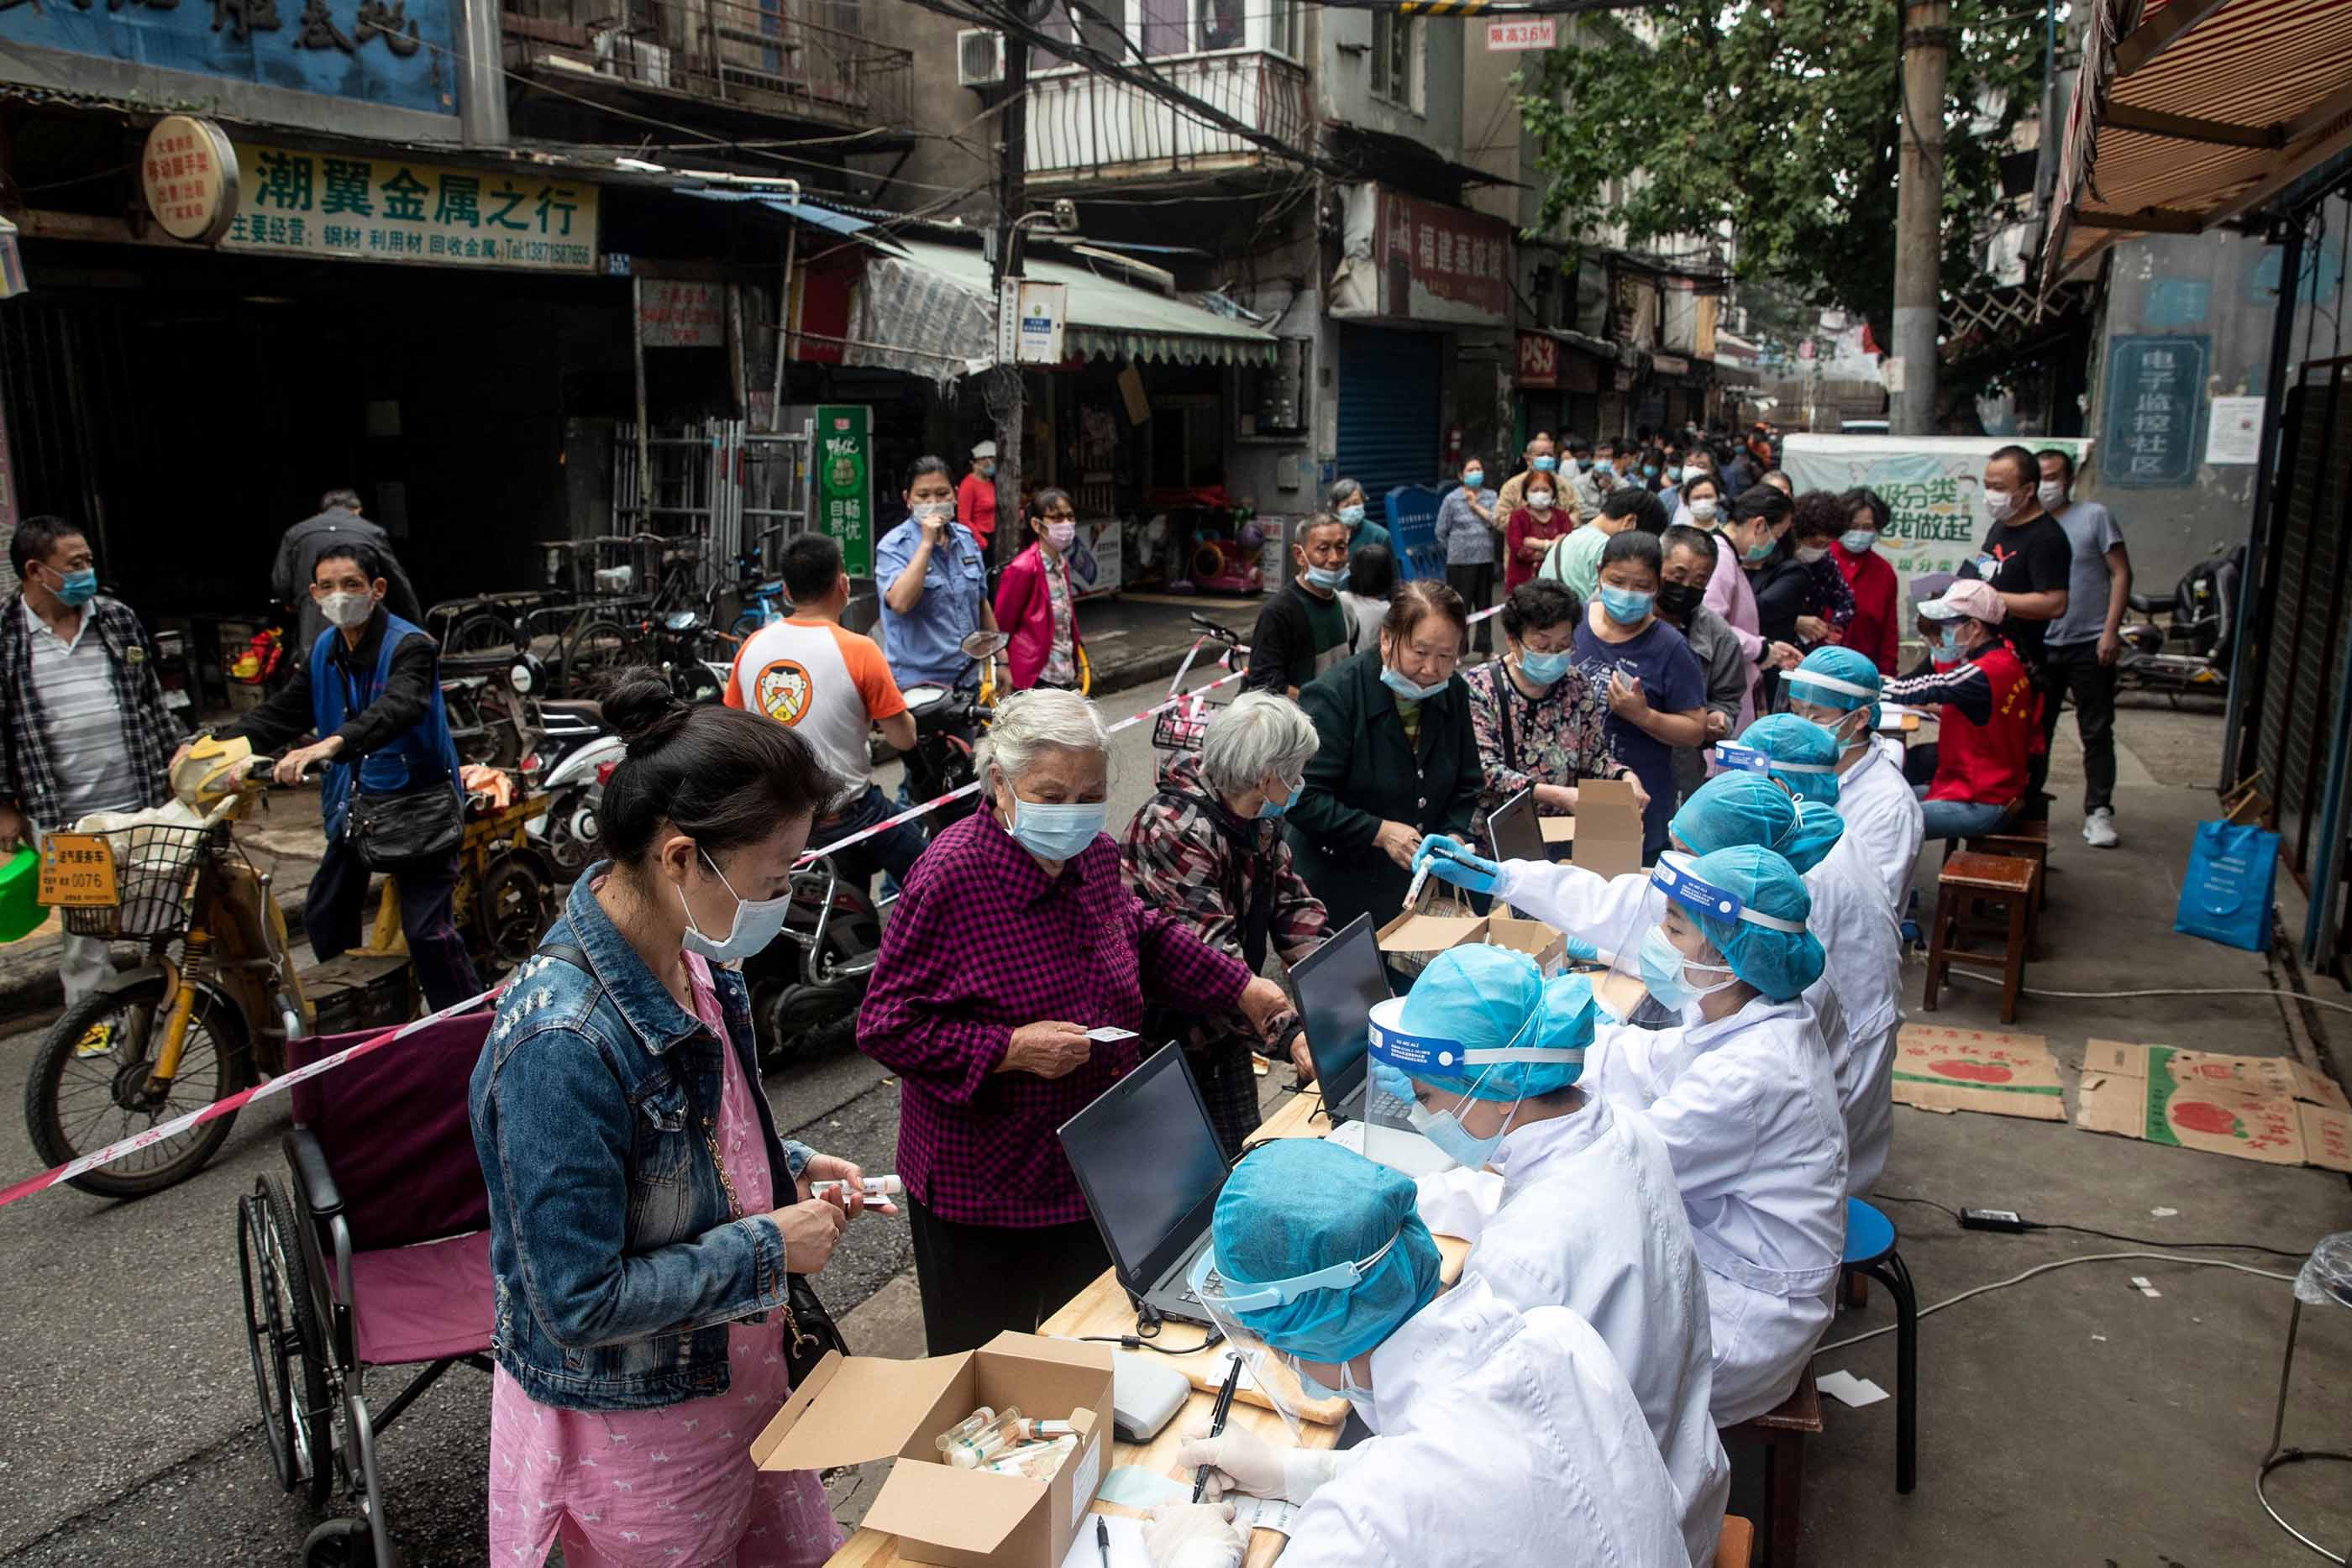 Wuhan residents register for coronavirus testing on May 15.